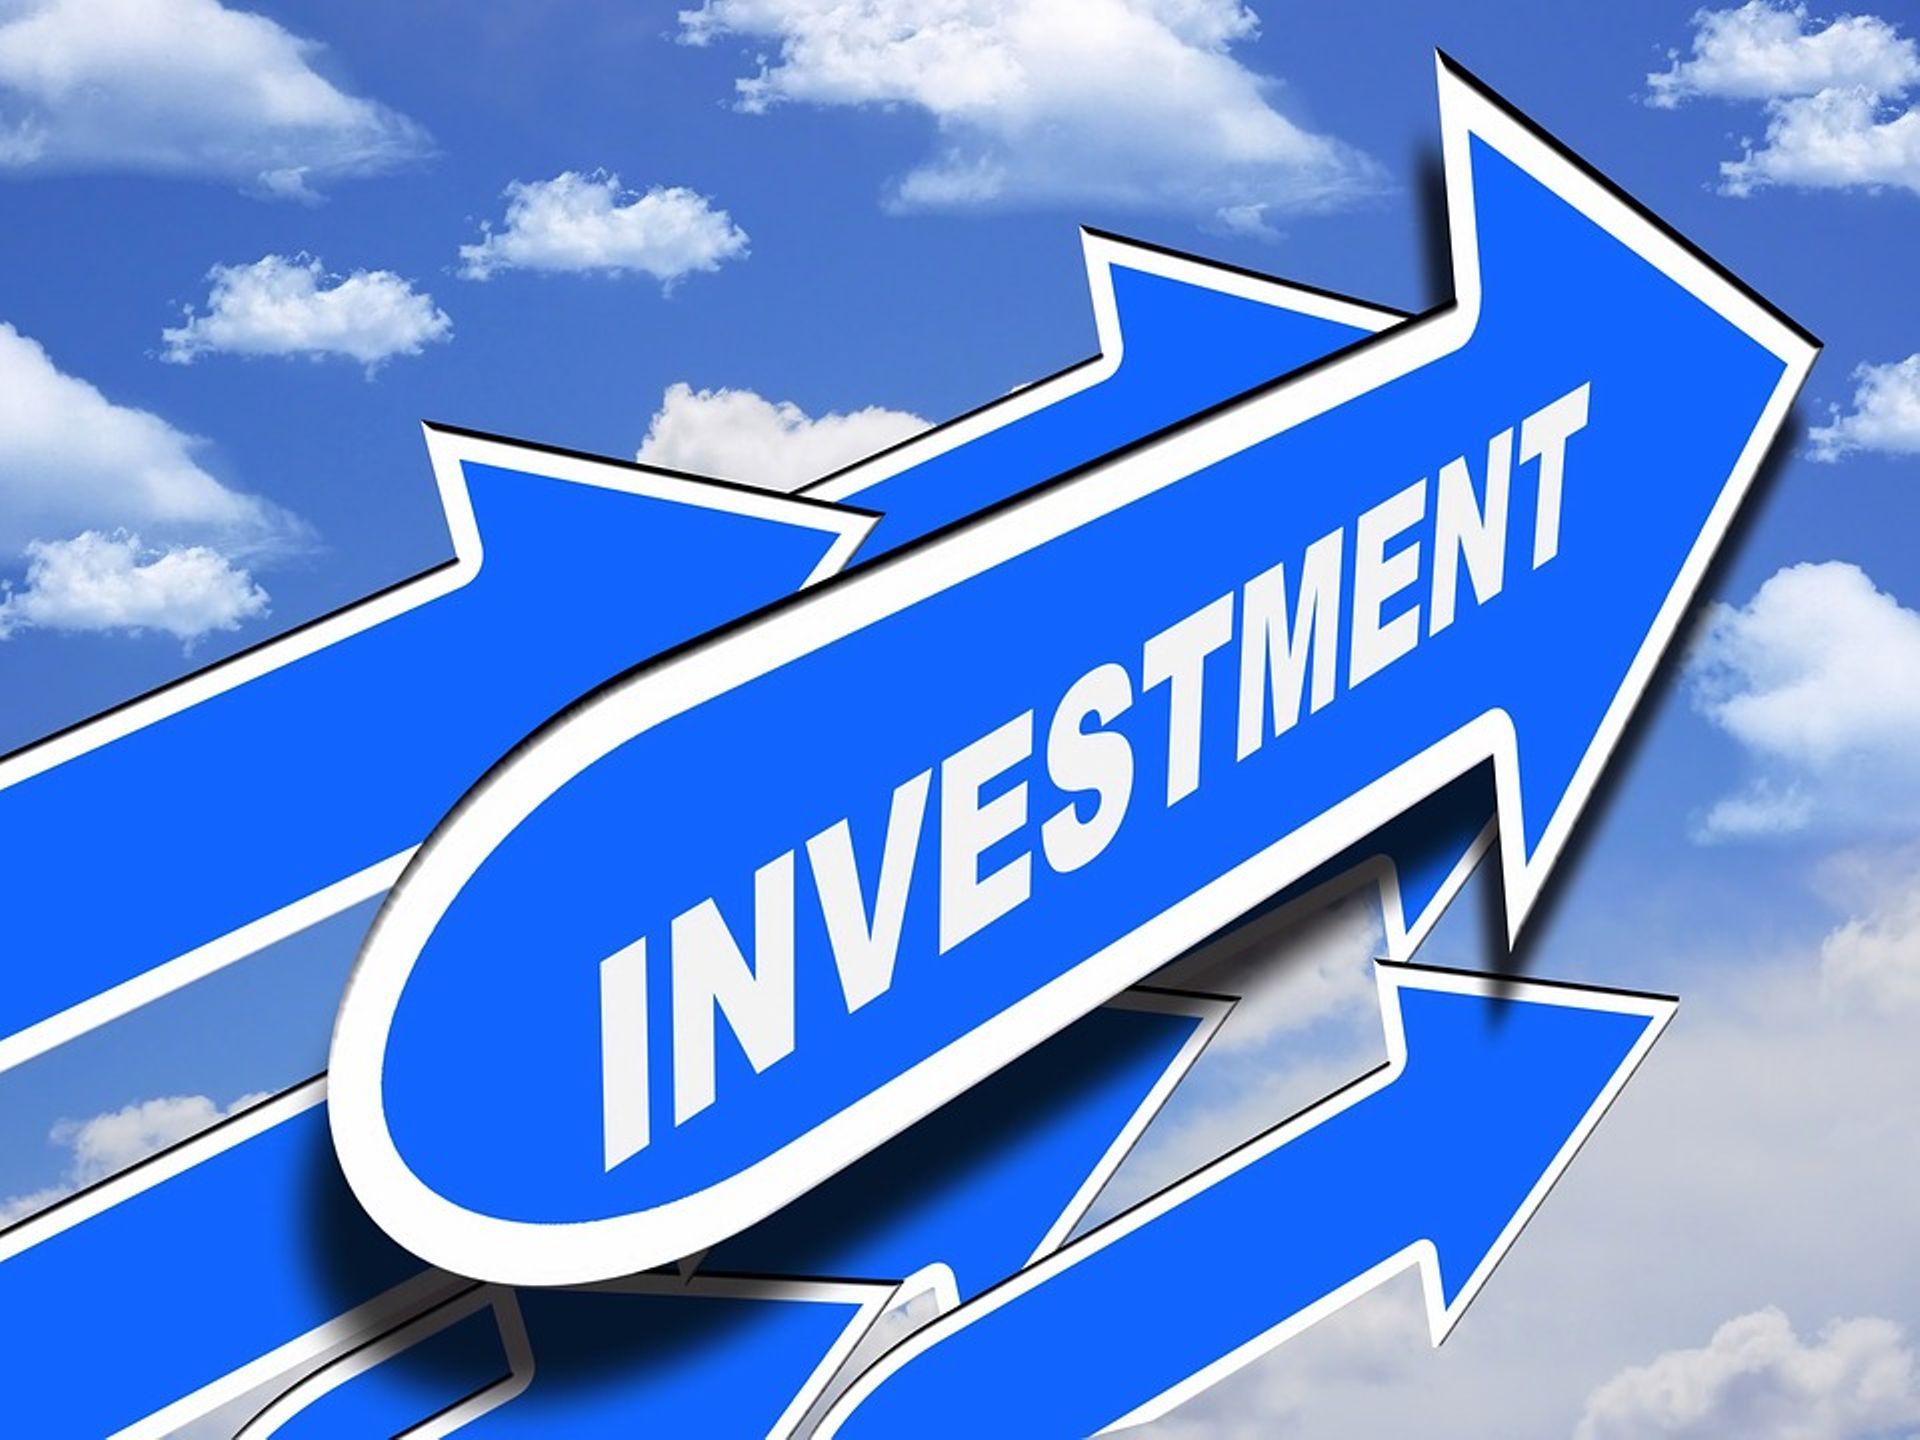 Dolny Śląsk: Niemiecki inwestor stawia na rozwój w Lubaniu. Będą kolejne nowe miejsca pracy